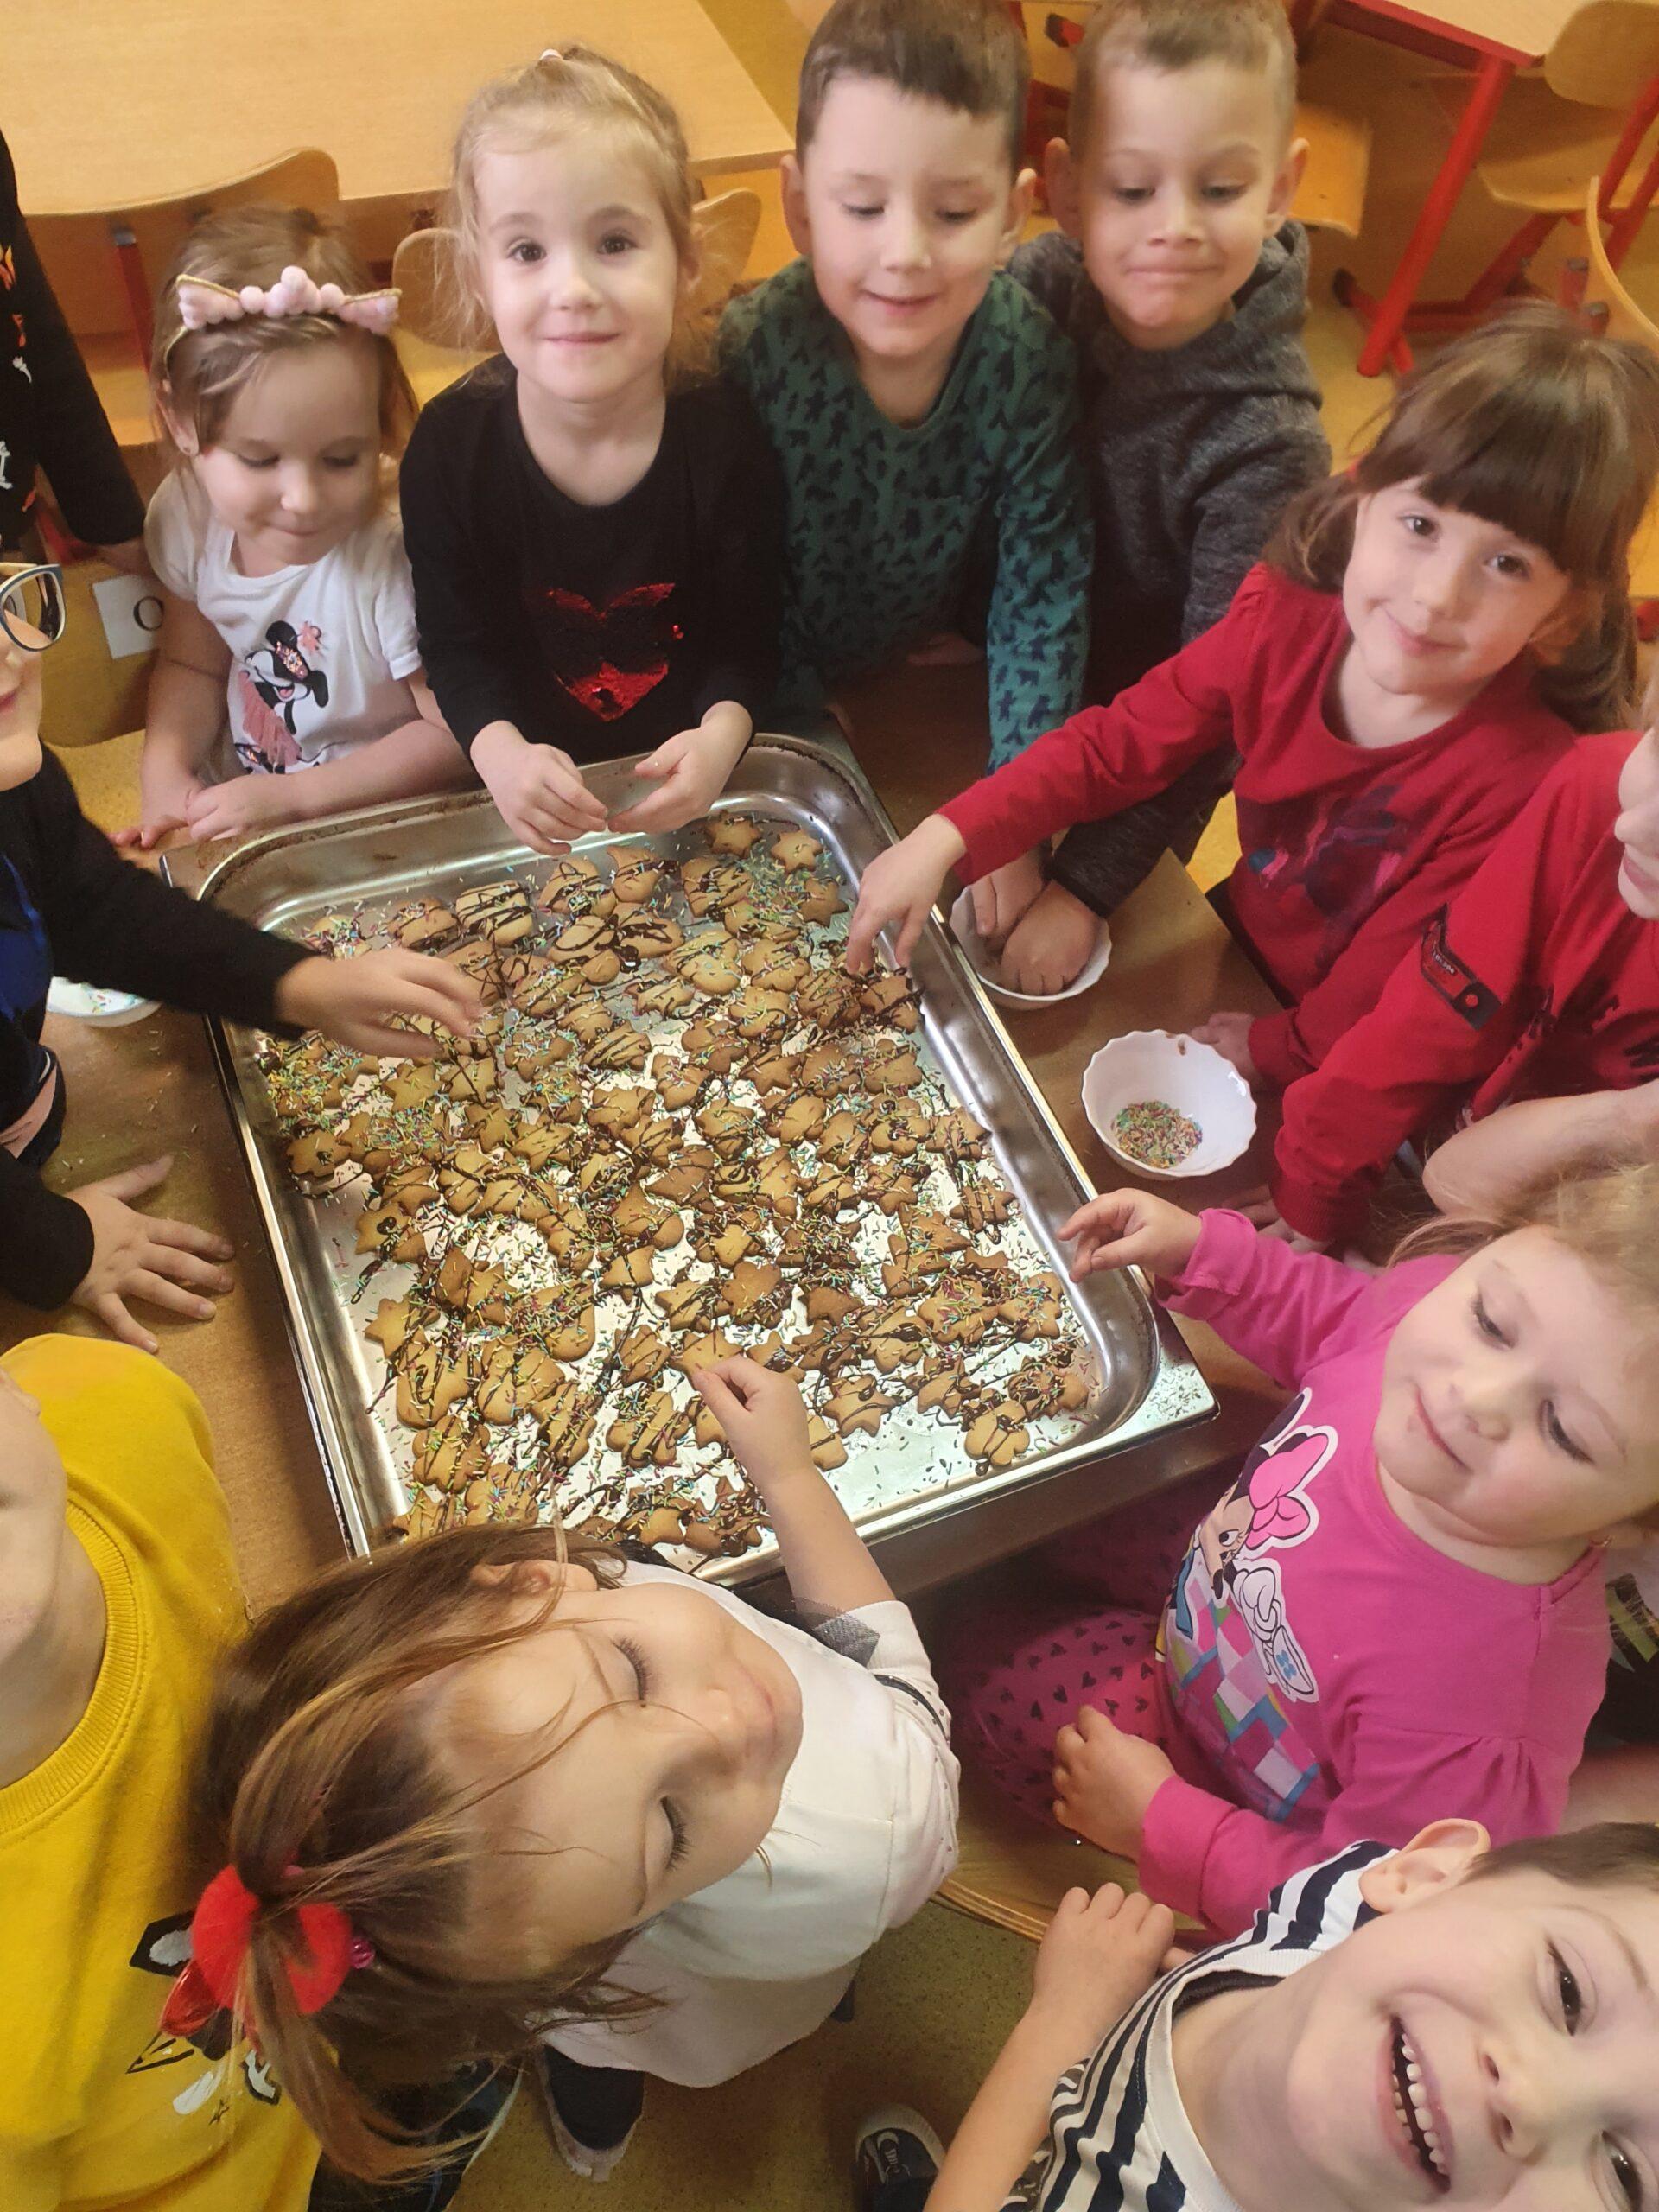 dzieci polewaja ciasteczka polewą i posypują kolorową posypką